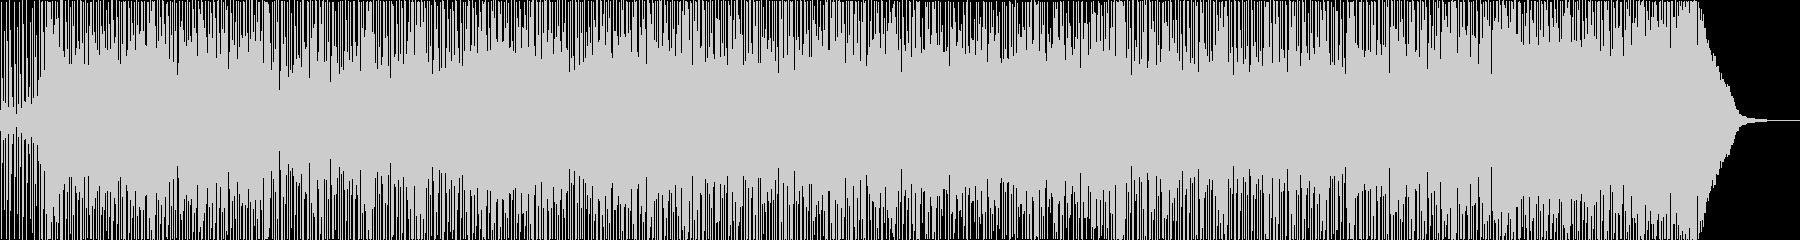 ディスコブラジルの未再生の波形